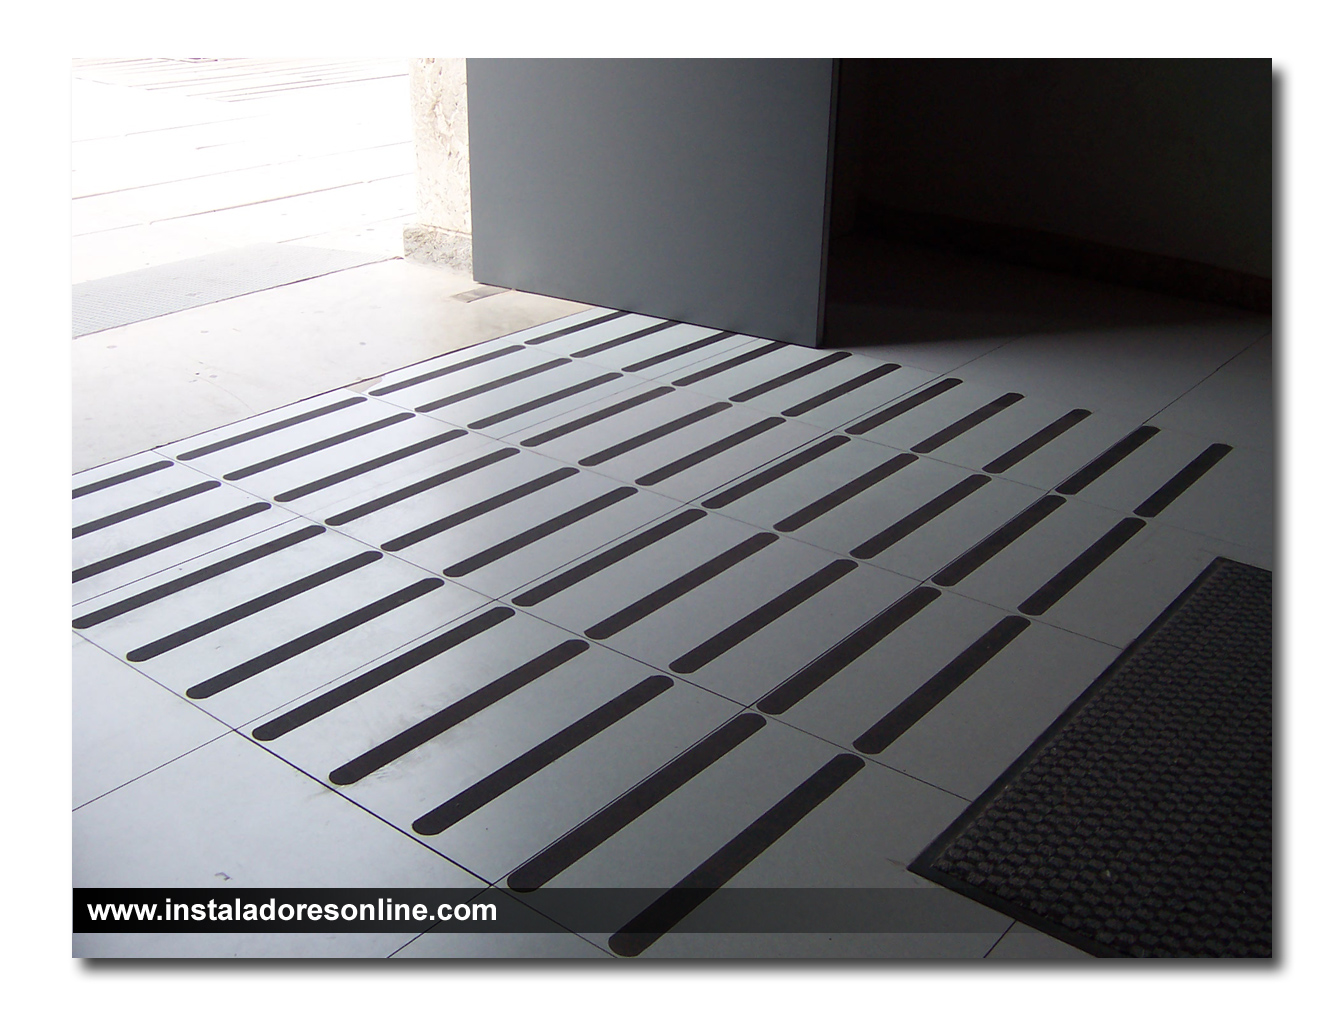 Pisos antideslizantes para ba os discapacitados - Antideslizante para suelos ...